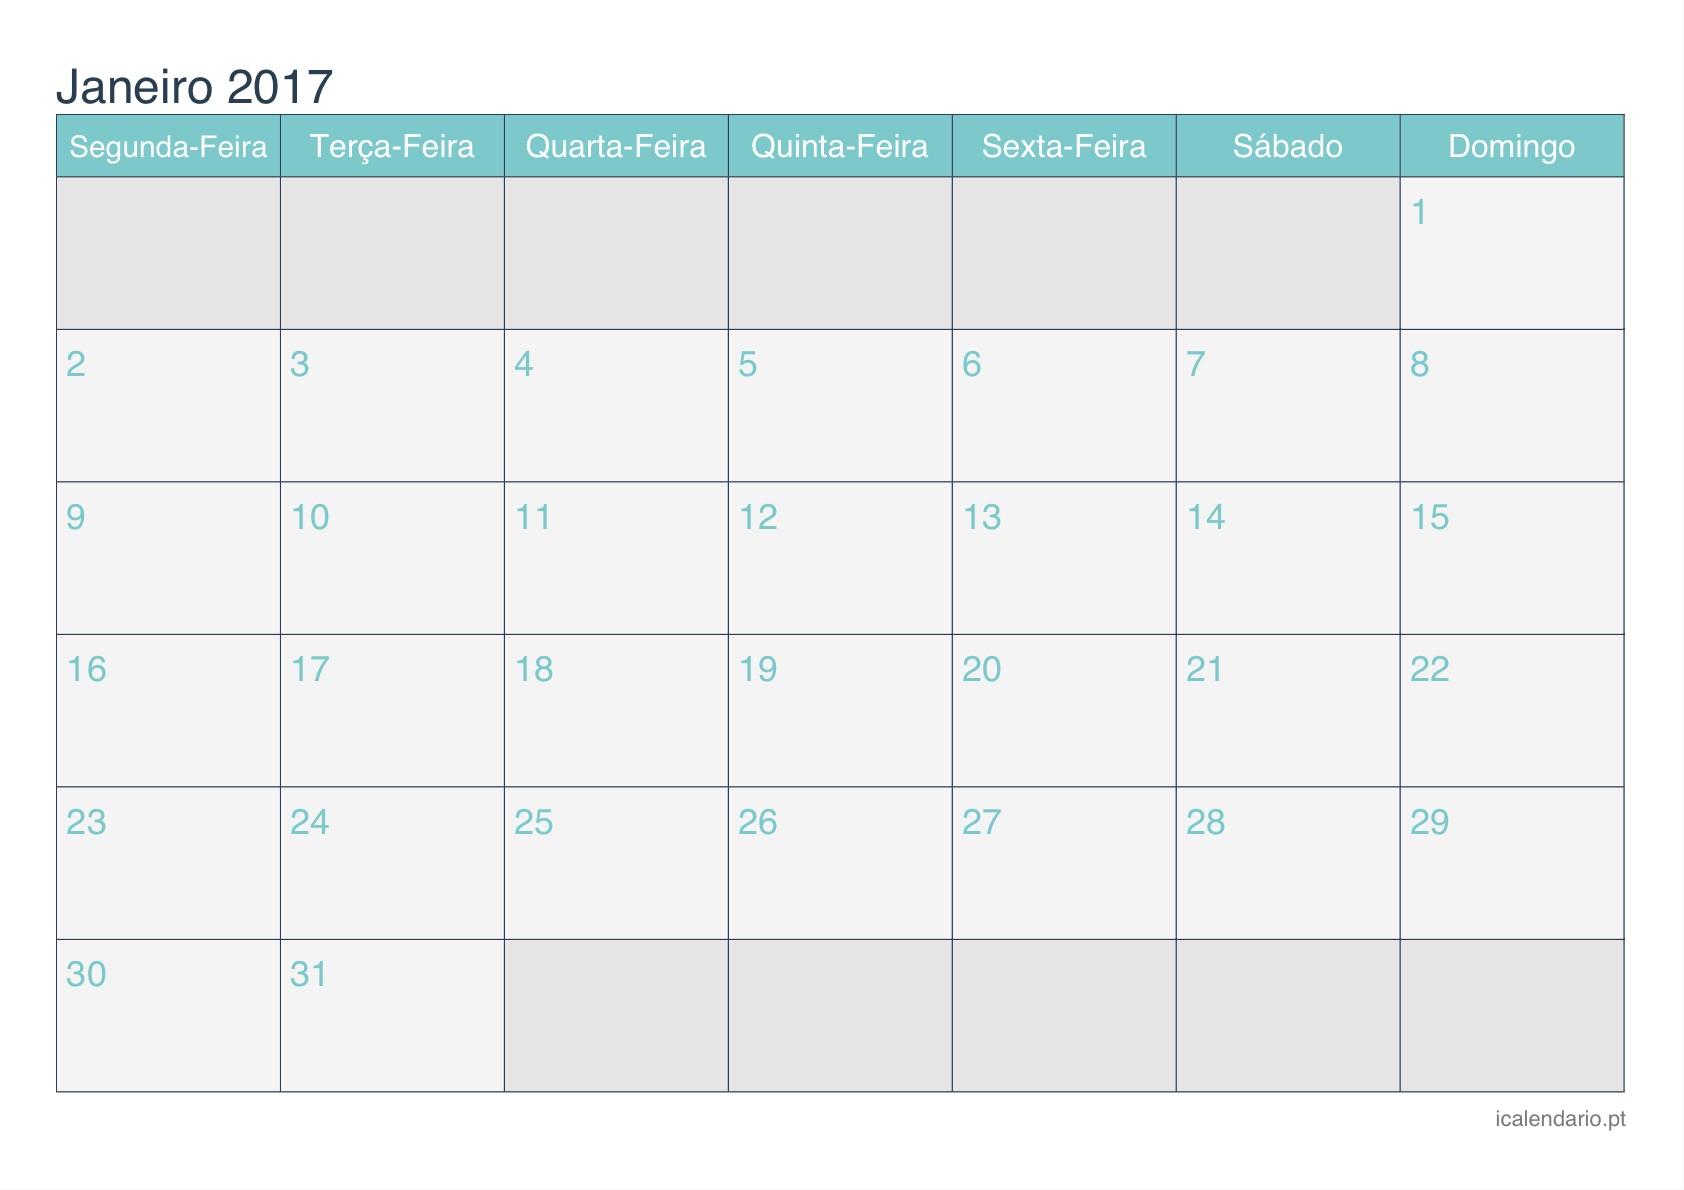 Imprimir Calendario Escolar Más Recientes 100 [ Calendario Para Sala De Aula ] Of Imprimir Calendario Escolar Más Recientes Vuelta Al Cole 2017 100 Plantillas Y Horarios Gratis Para